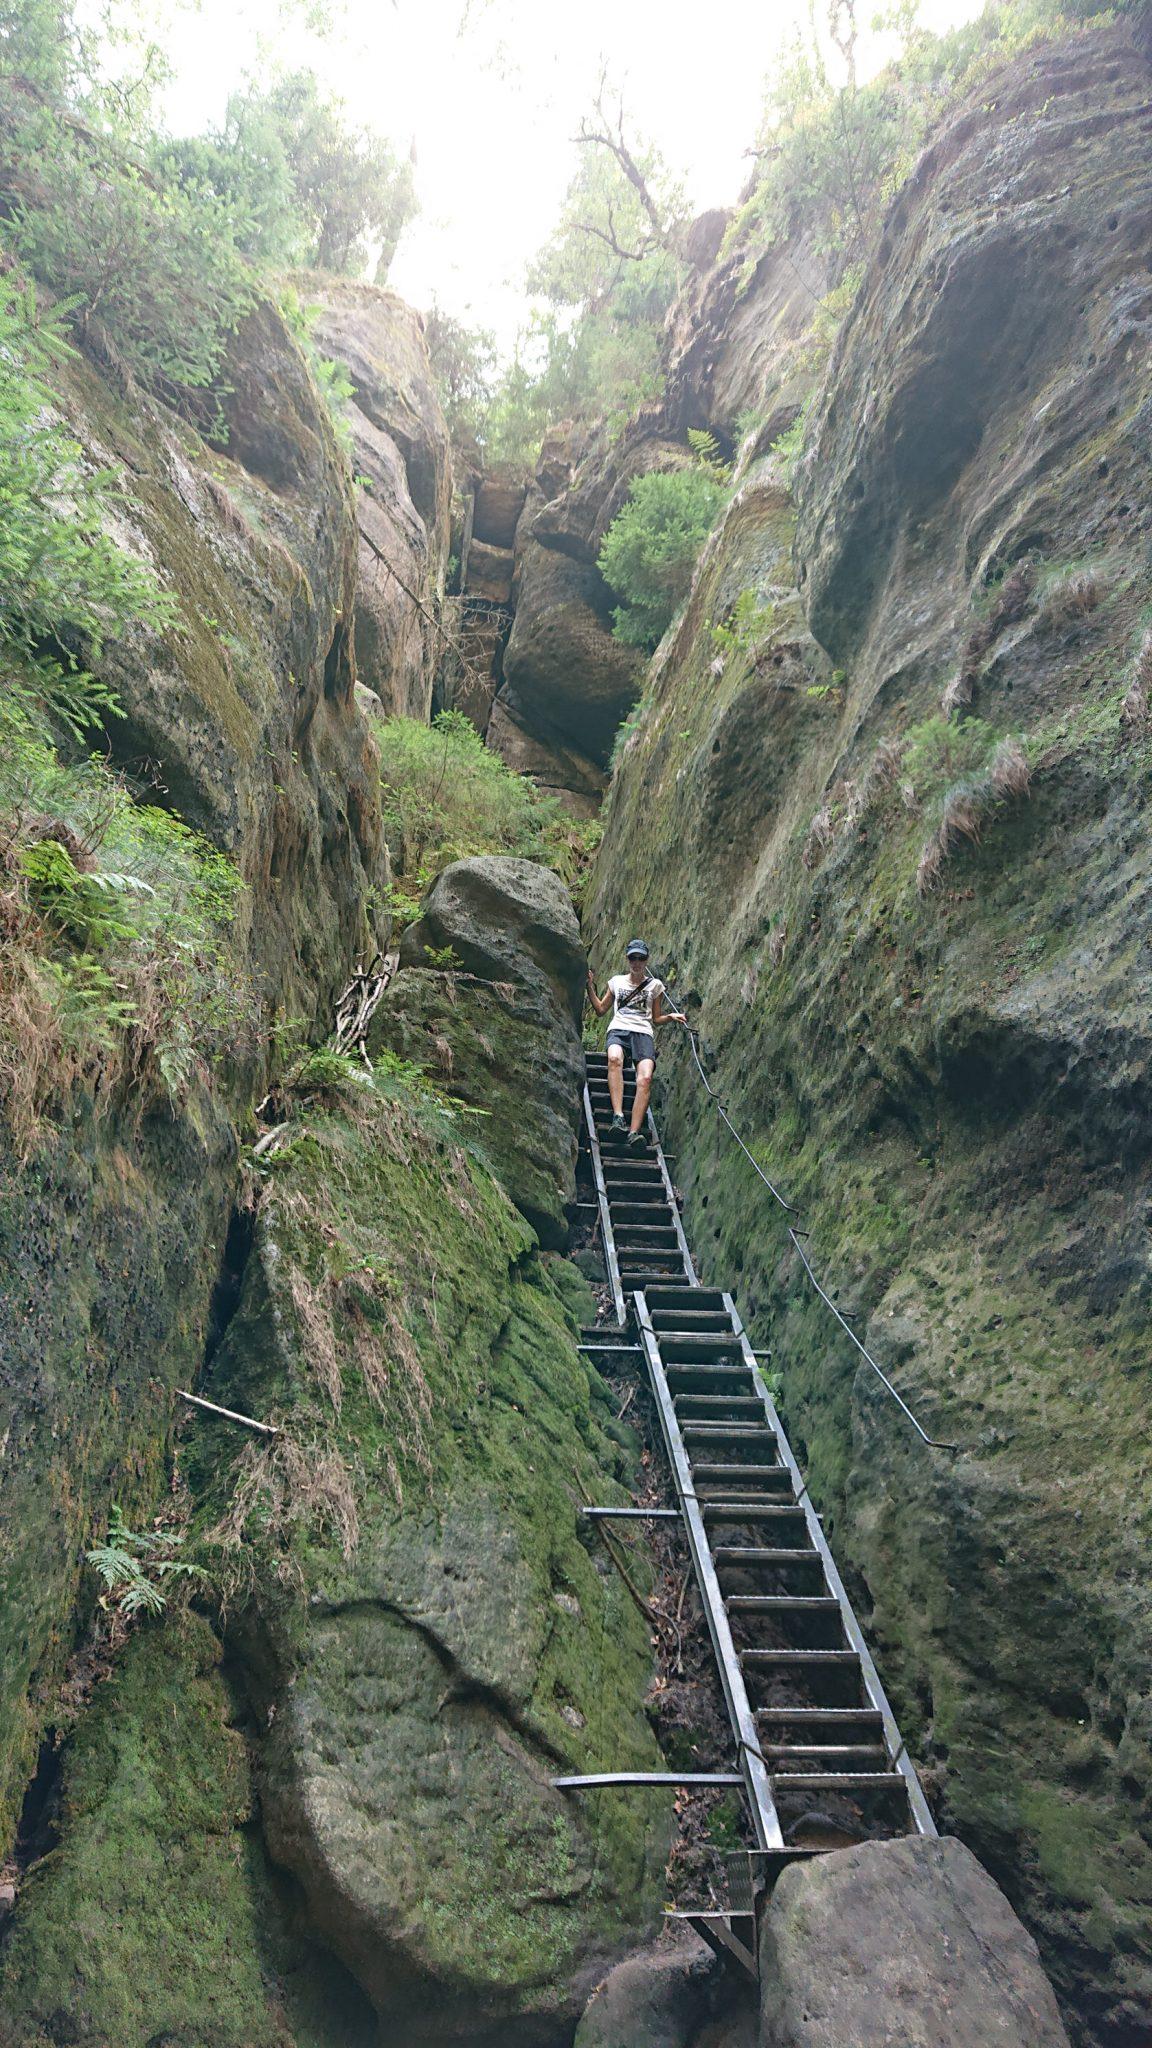 Hohe Liebe Schrammsteine Carolafelsen, Wanderweg im Wanderparadies Sächsische Schweiz mit vielen tollen Aussichten, riesiger Felsennationalpark, Metallleiter